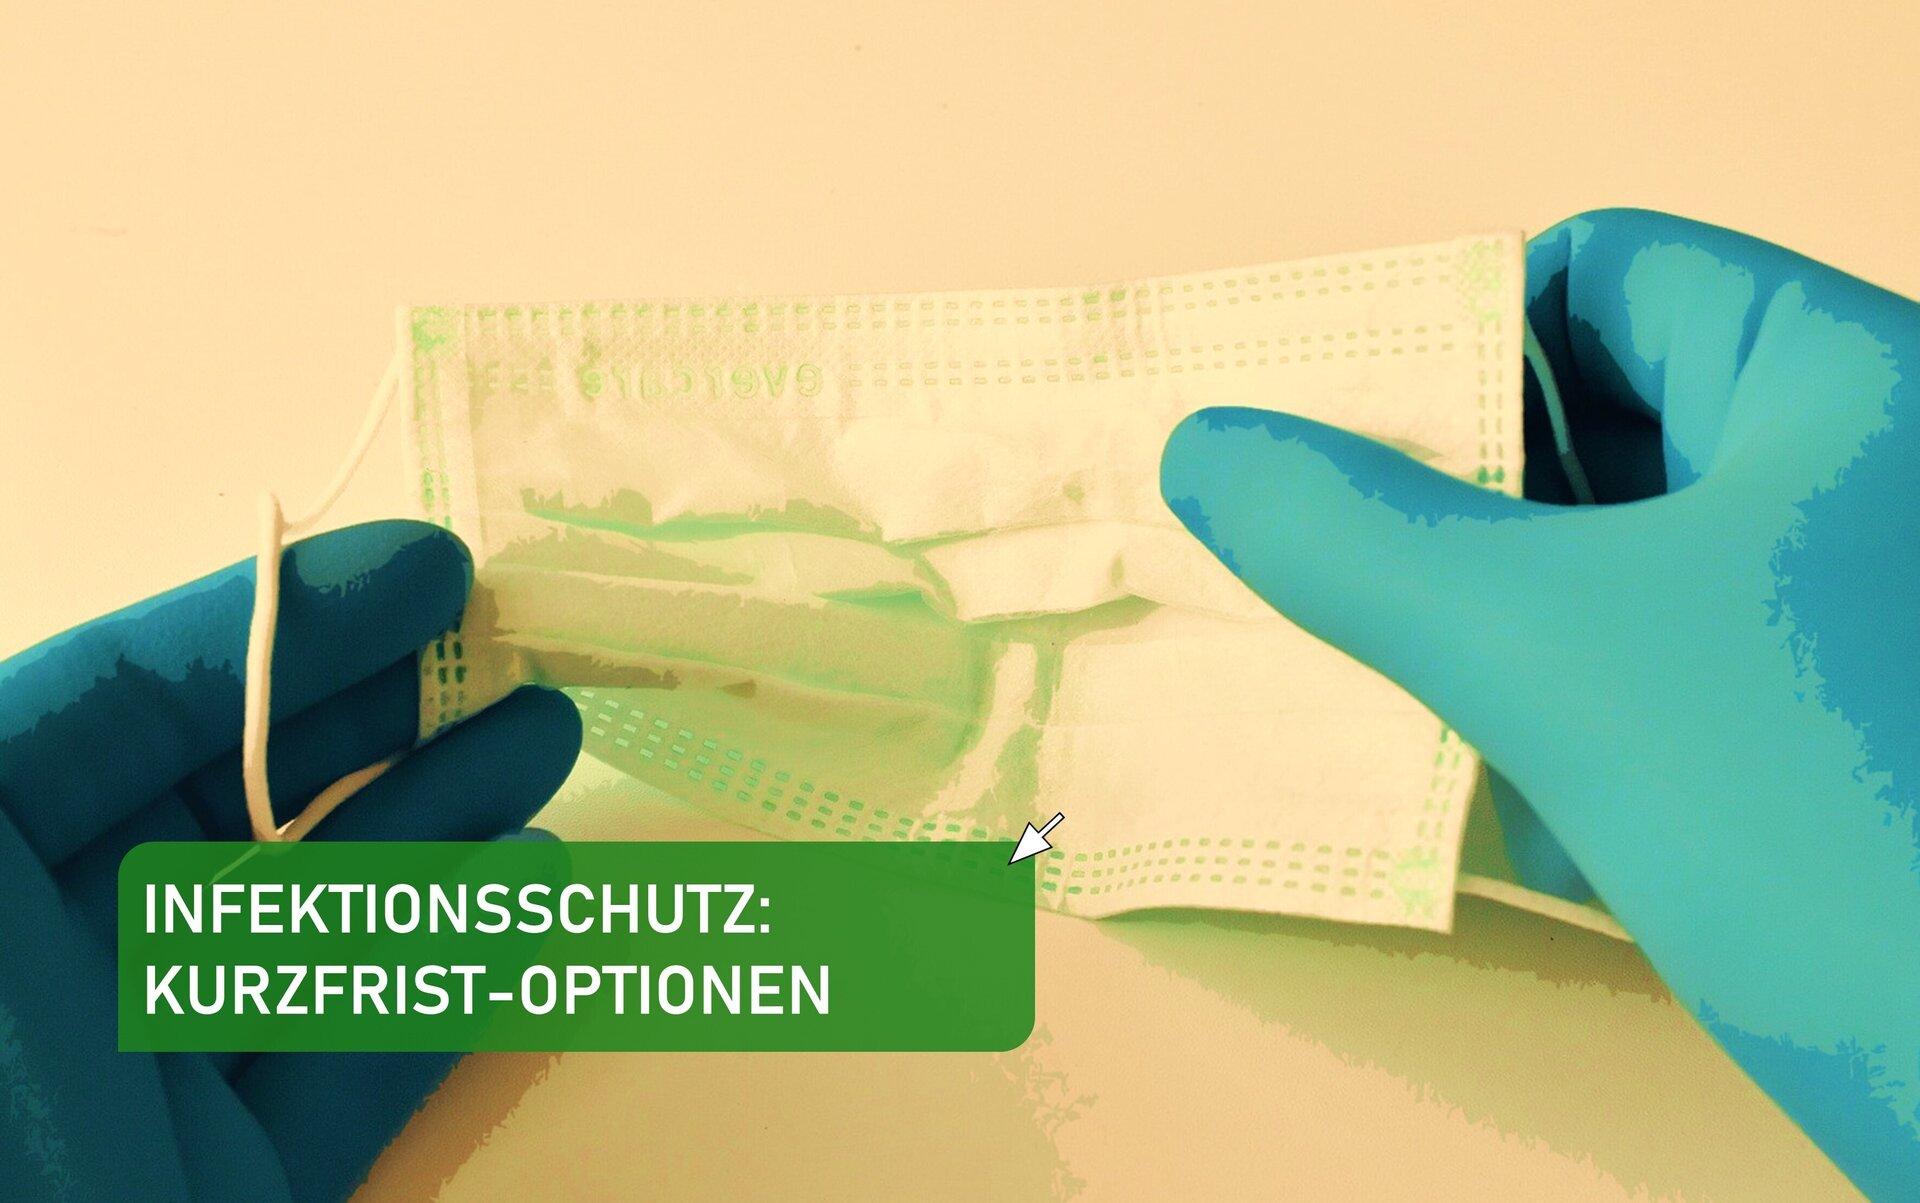 Infektionsschutz: Kurzfrist-Optionen